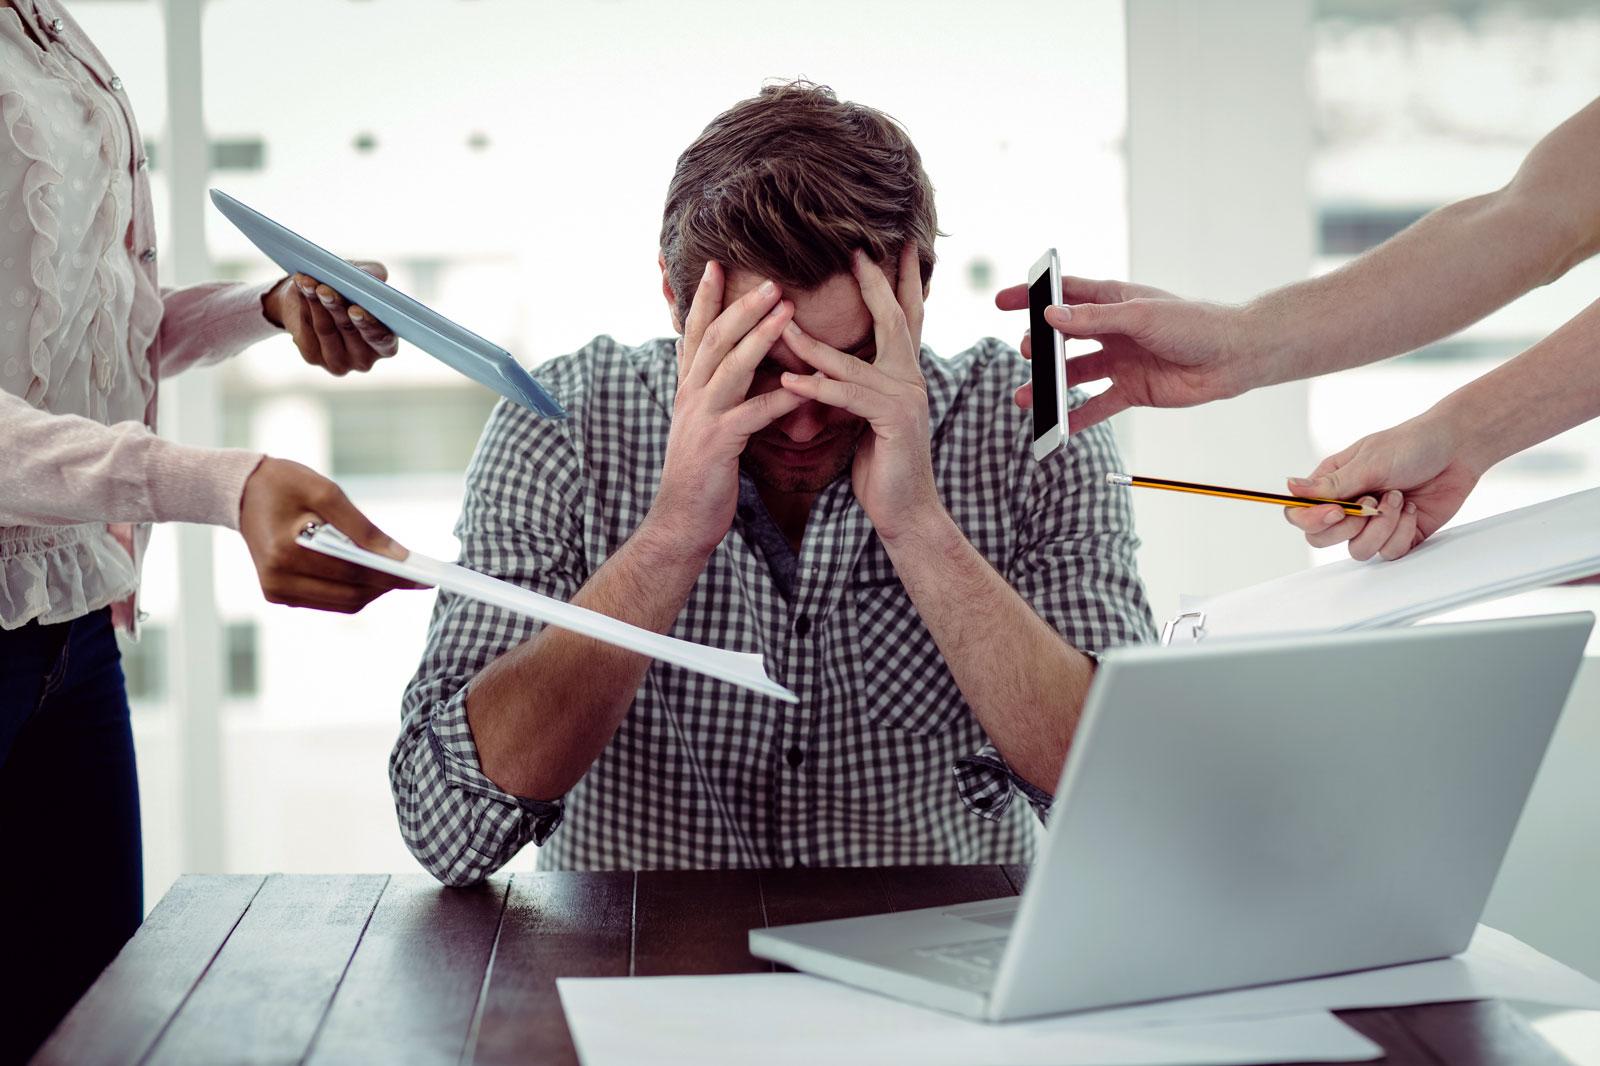 homem sentado a uma mesa com um notebook. Ele está com a mão na cabeça mostrando estresse por ter muitas tarefas a realizar